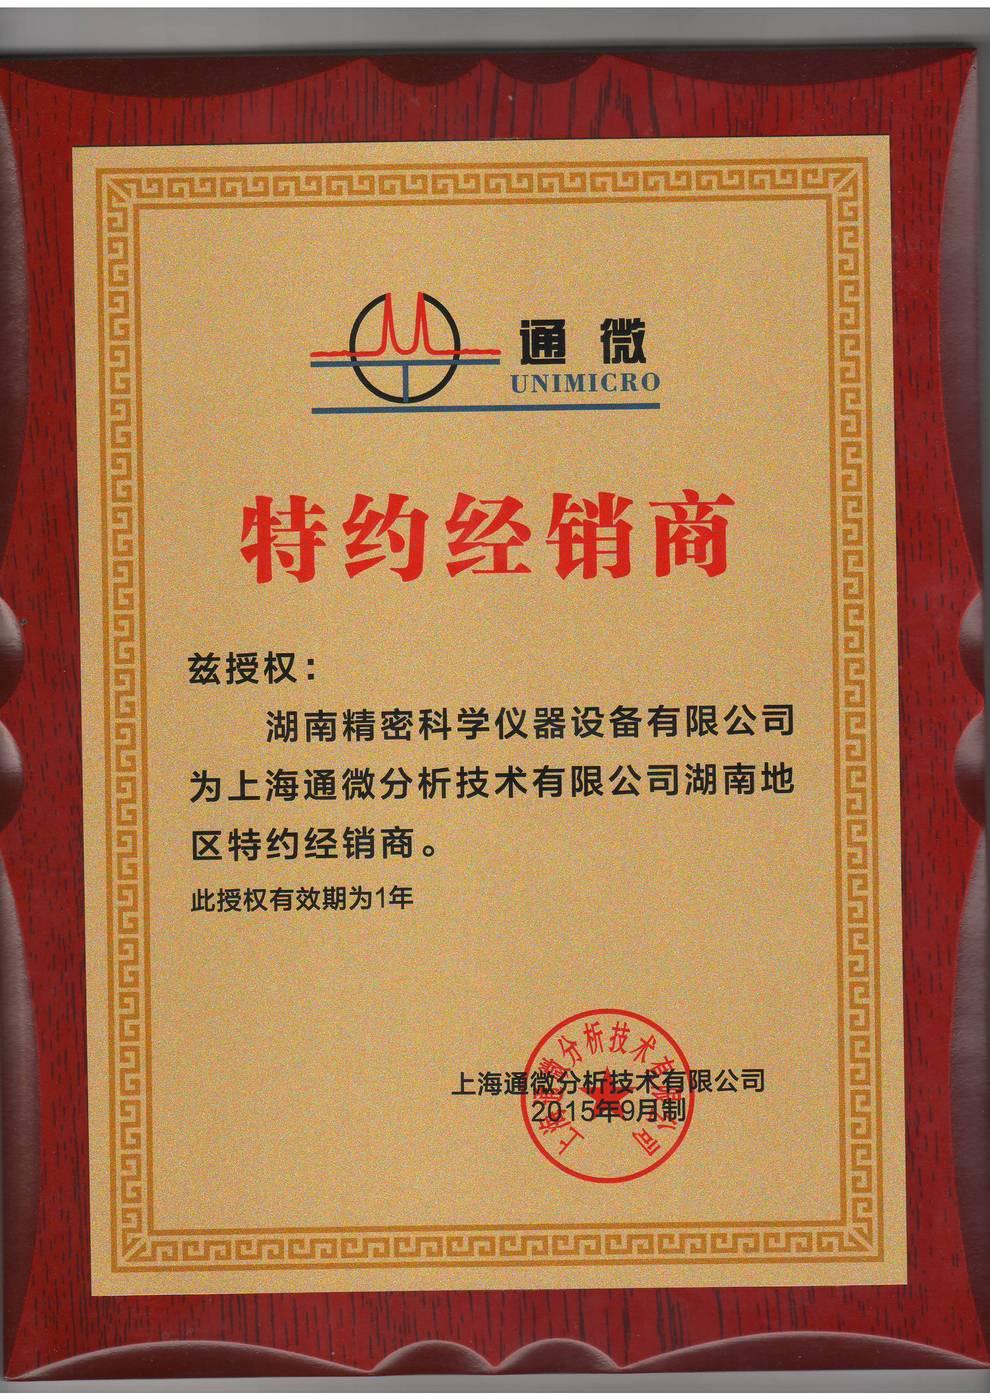 上海通微授权书